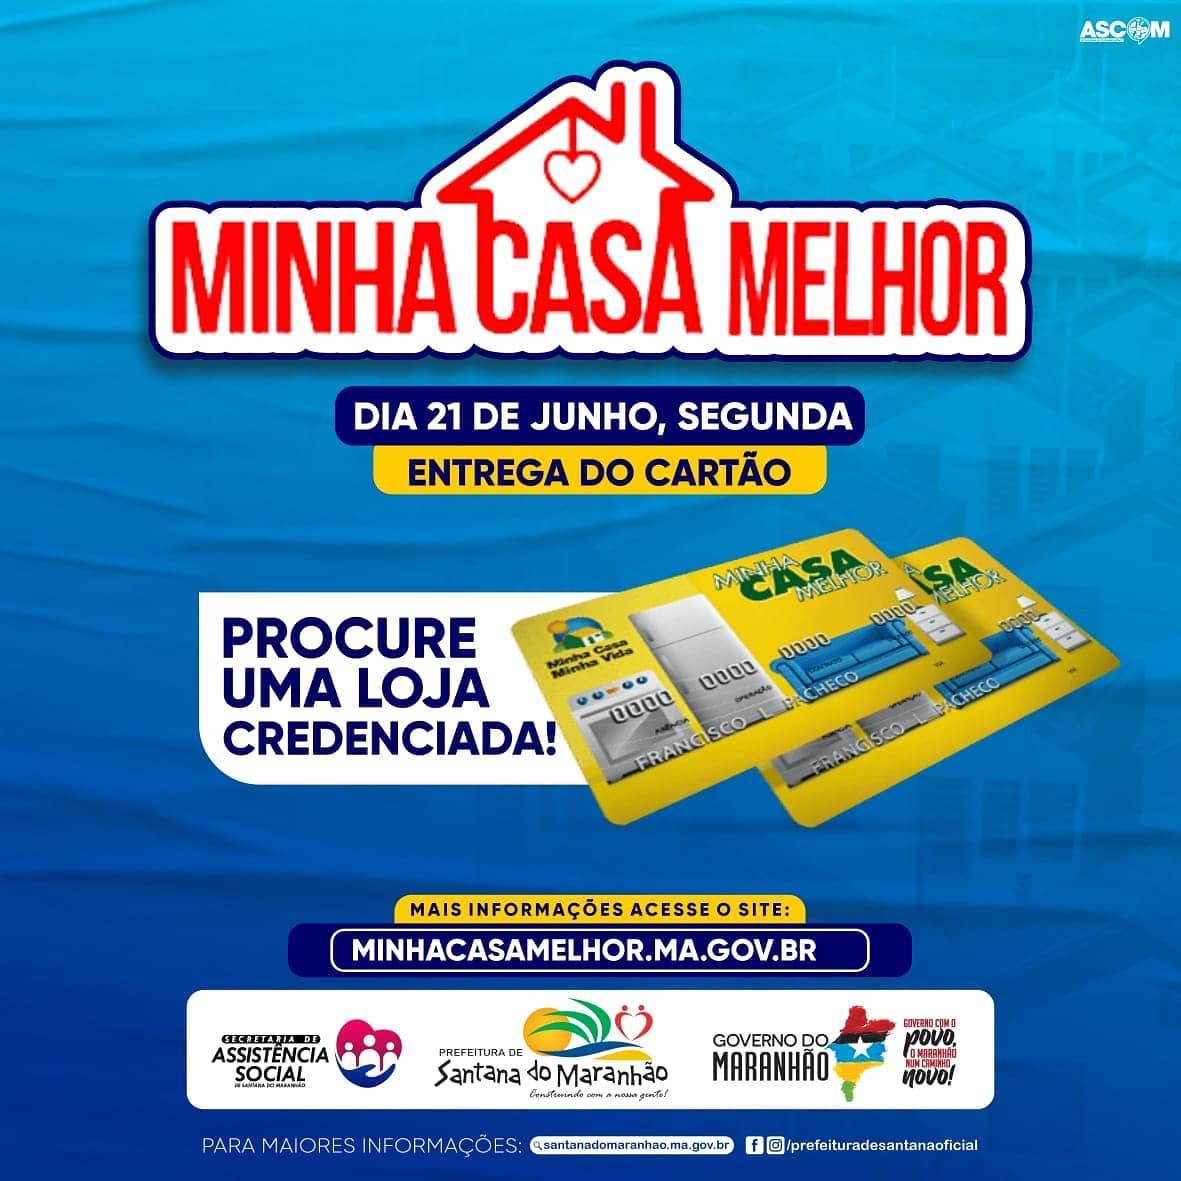 MINHA CASA MELHOR